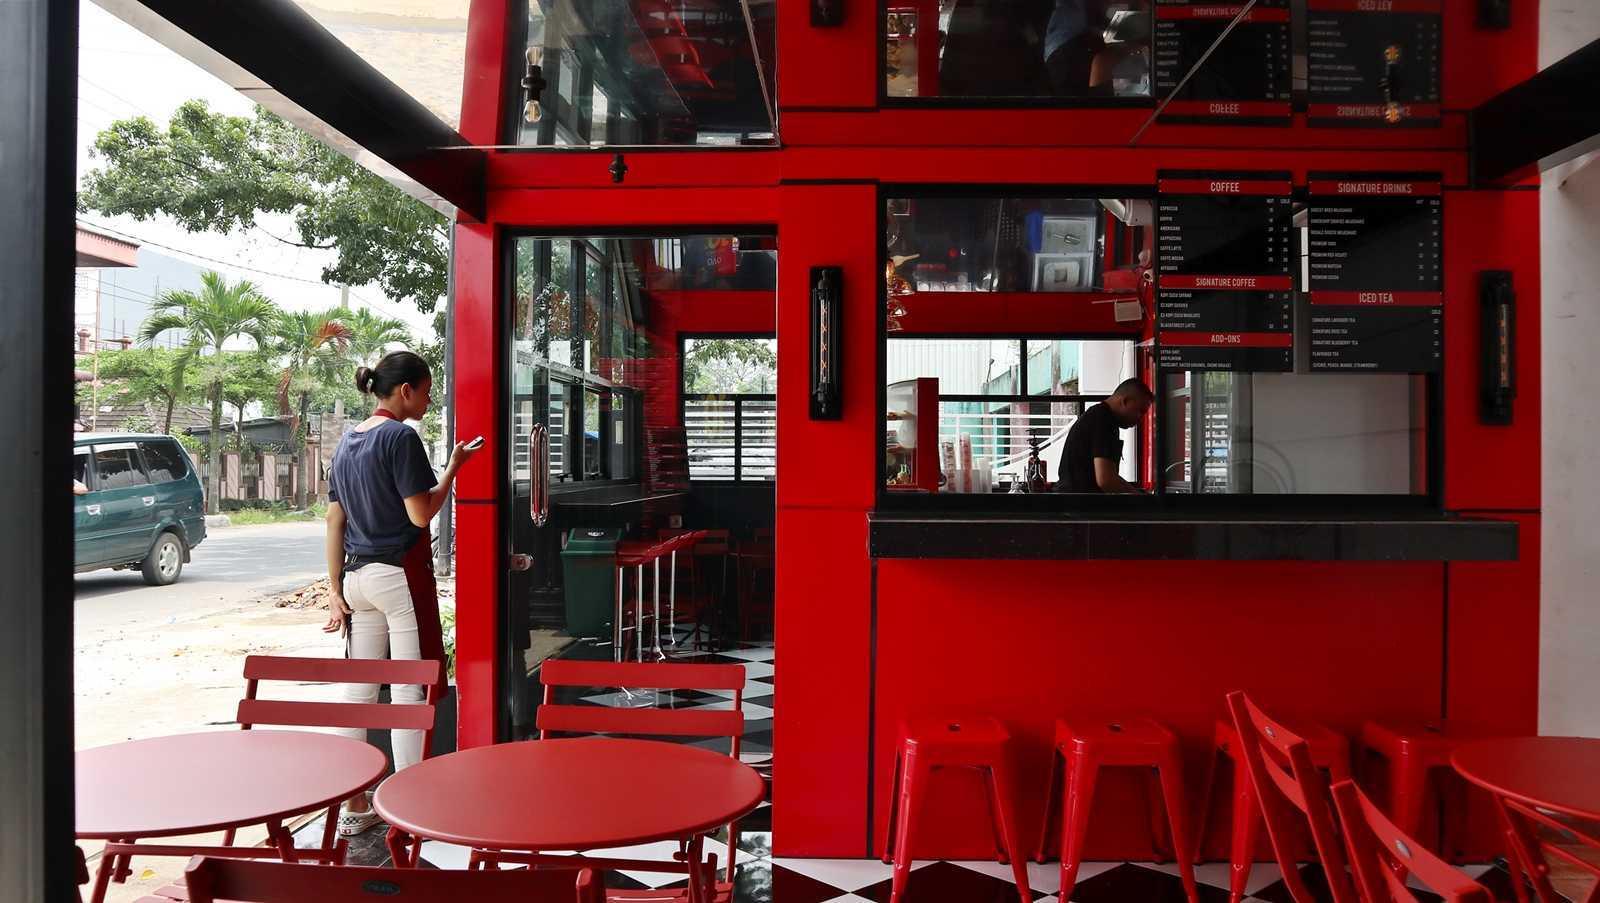 Bd Studio Mauliate Coffee Medan, Kota Medan, Sumatera Utara, Indonesia Medan, Kota Medan, Sumatera Utara, Indonesia Bd-Studio-Mauliate-Coffee  82213